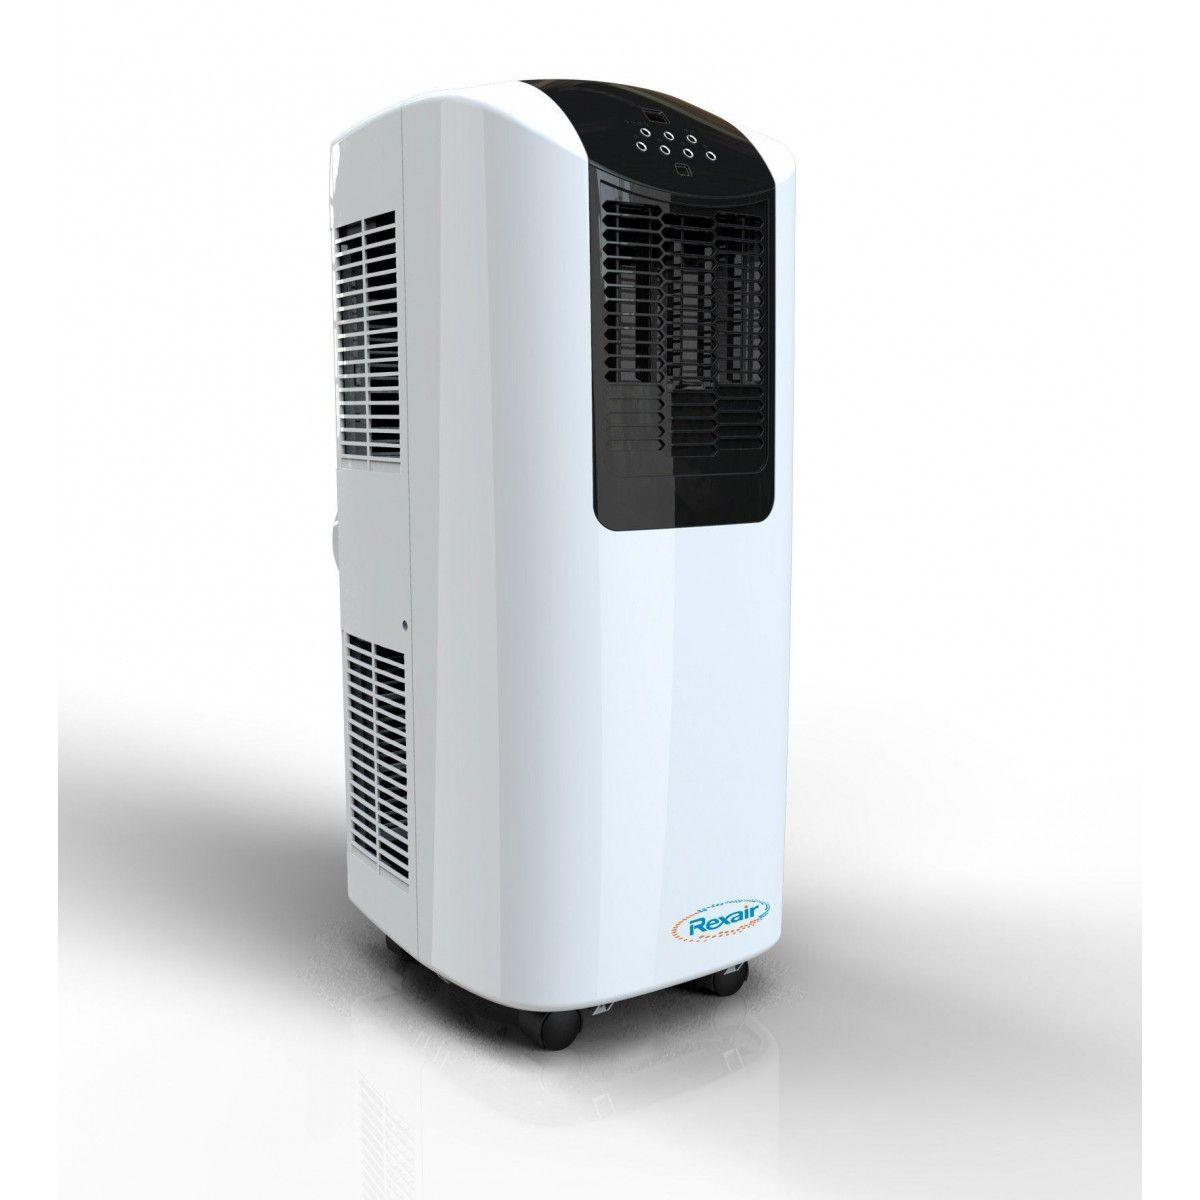 Cache Clim Pas Cher climatiseur monobloc rexair cool'r7 2,1kw